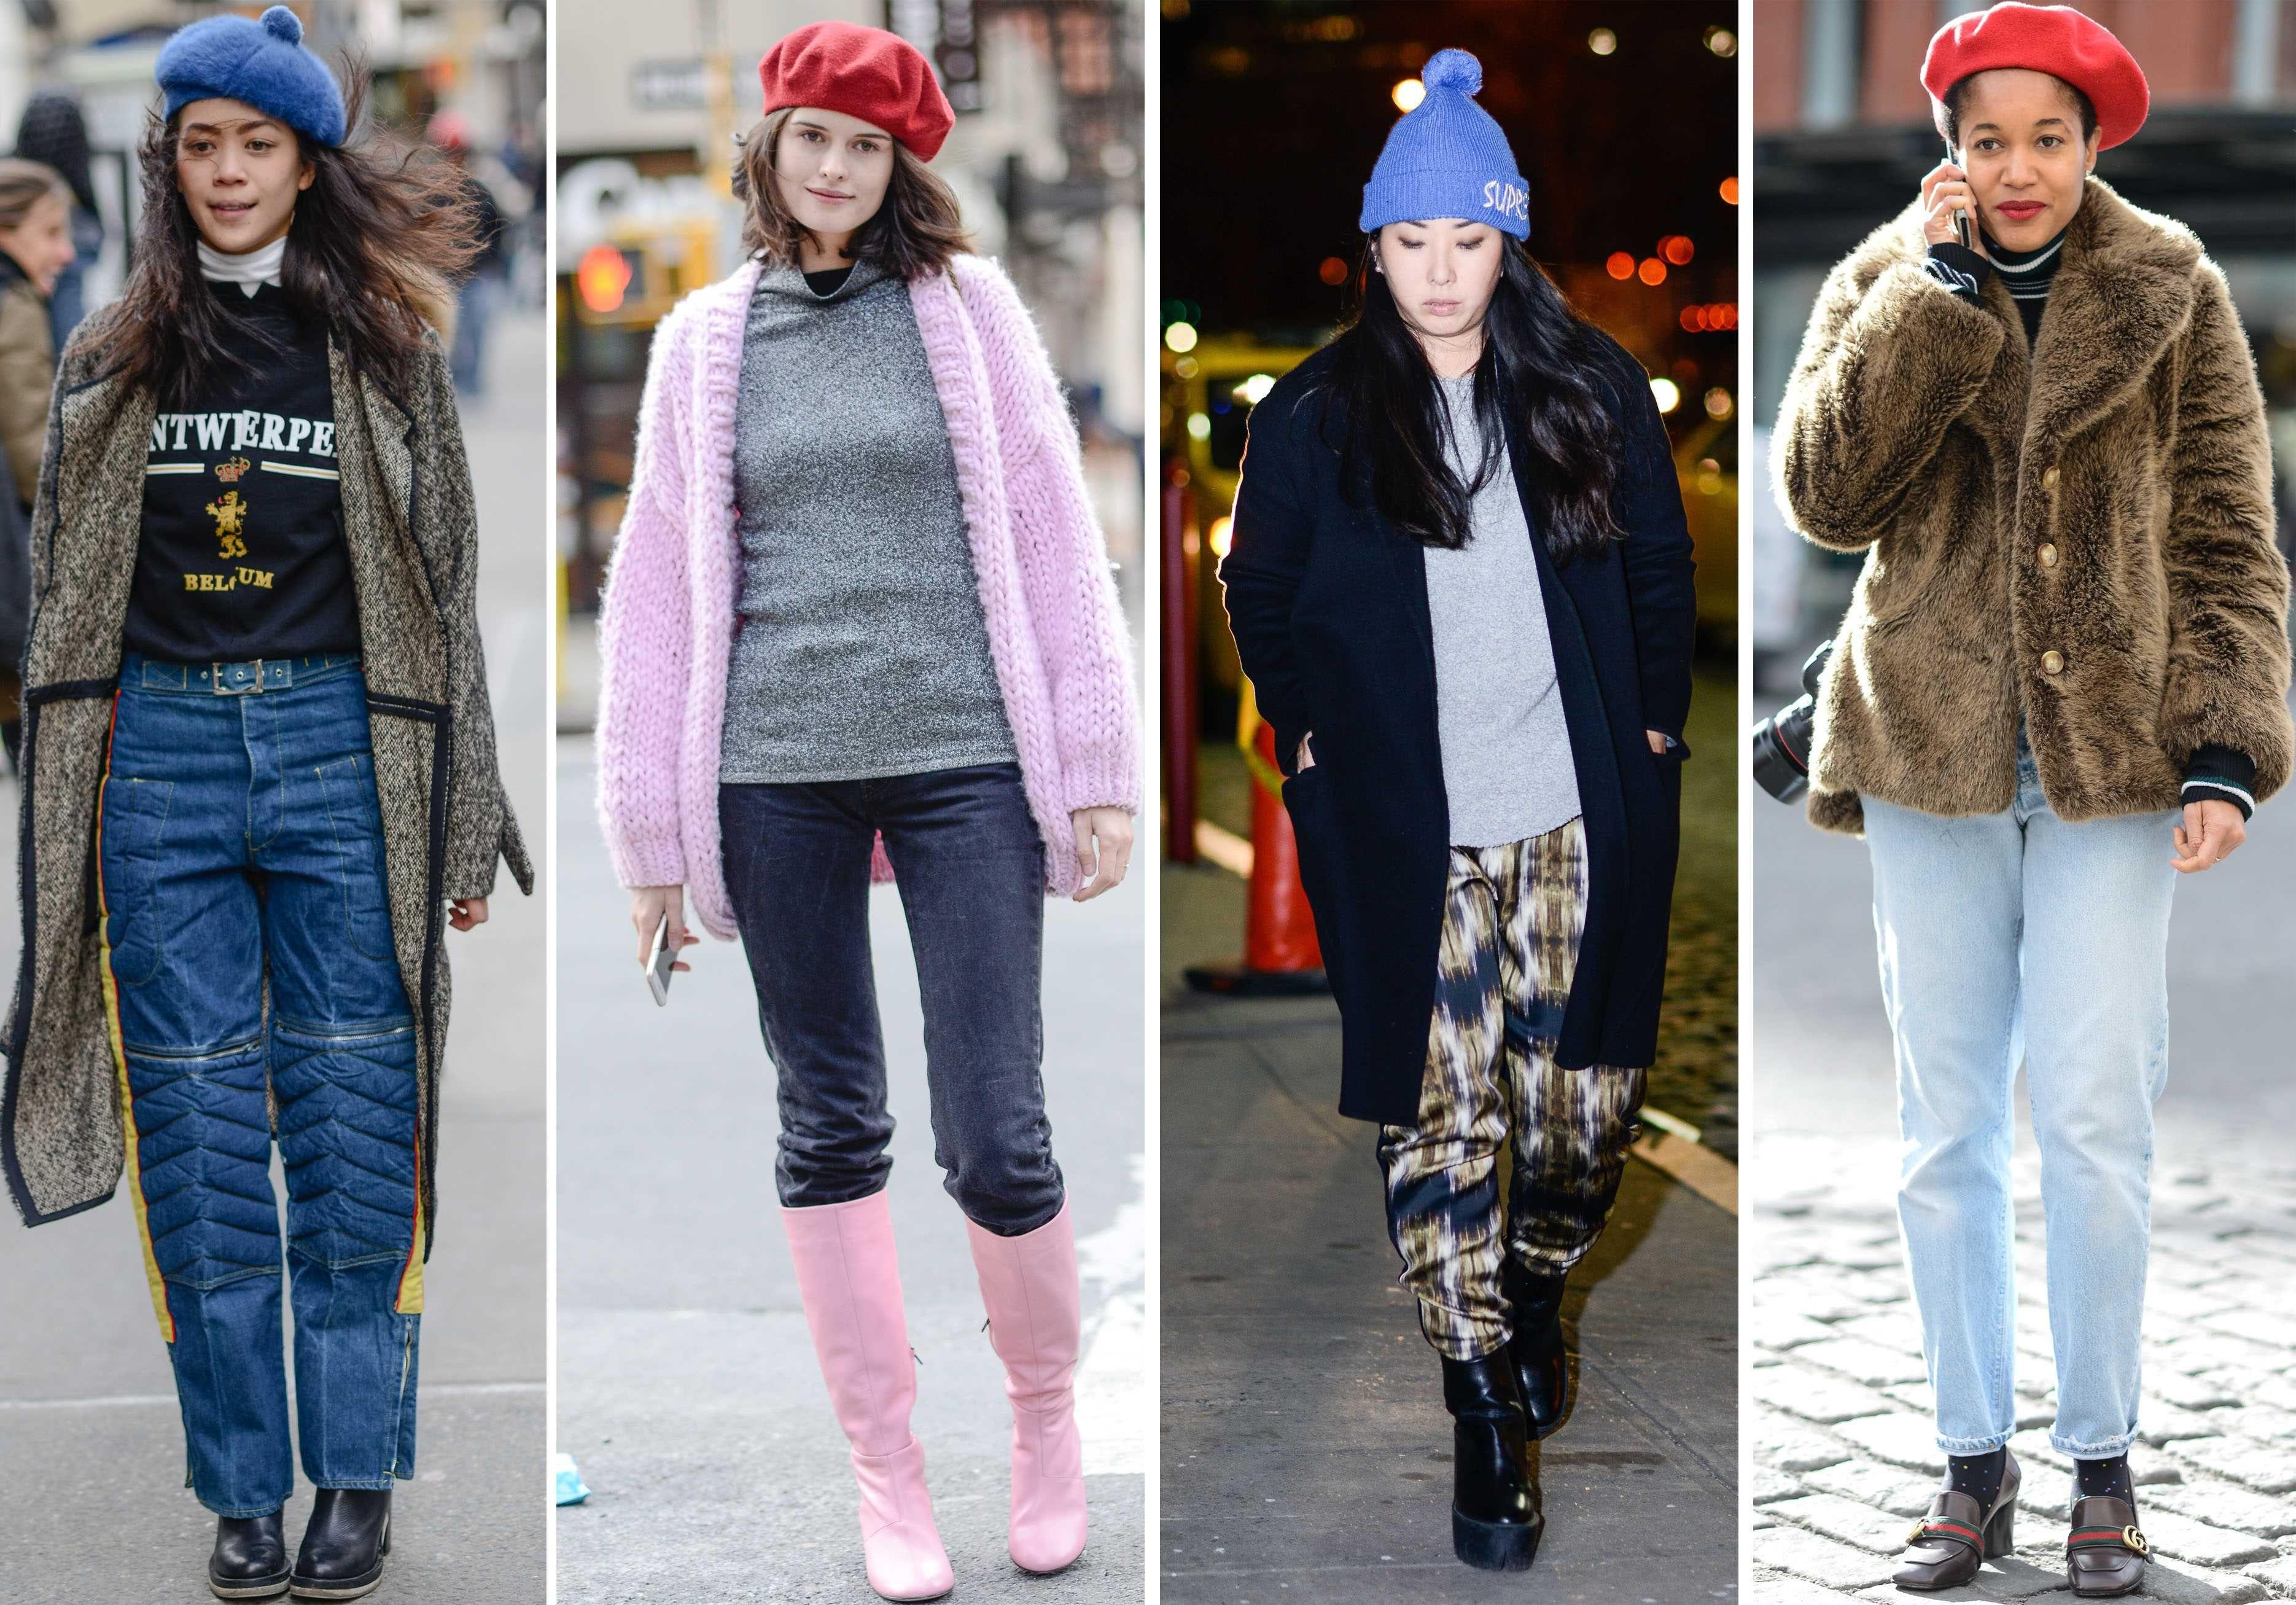 Arrancó la Semana de la Moda de Nueva York.  Estas son algunas lecciones de estilo que nos dejan sus asistentes.